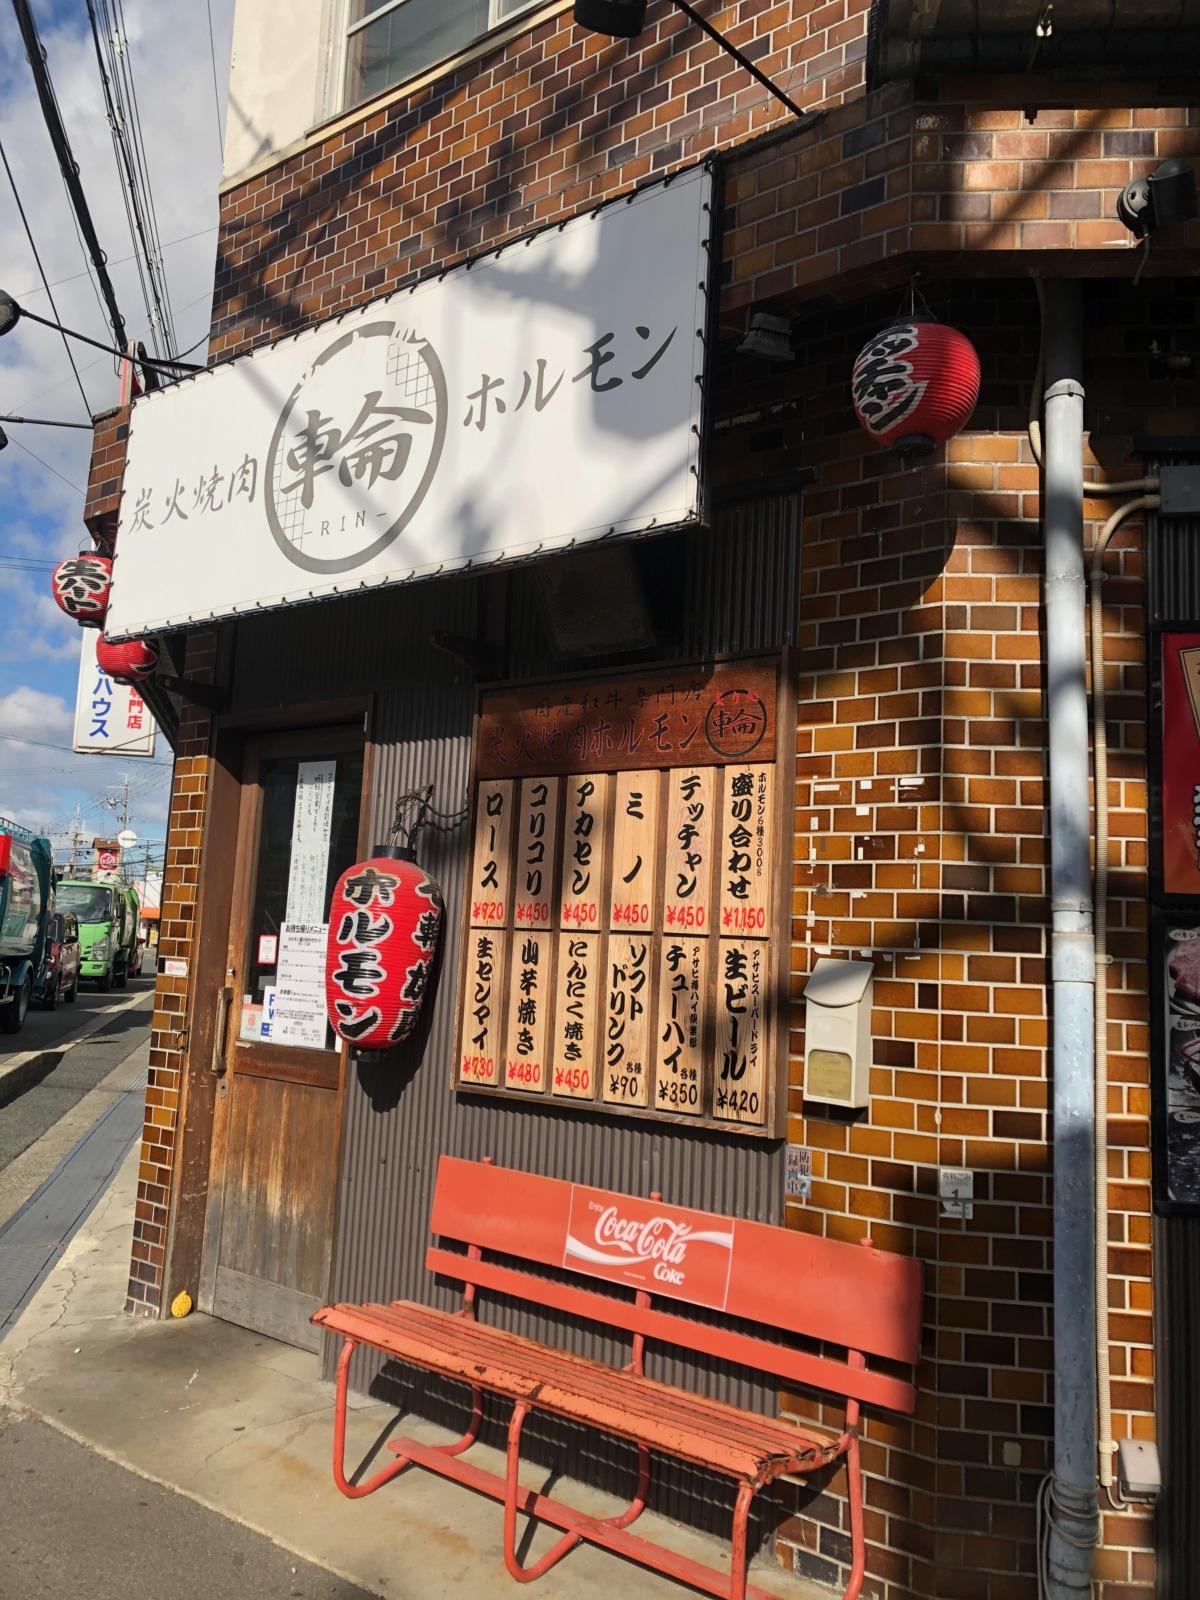 堺市東区・初芝☆国産和牛にこだわりの『炭火焼肉ホルモン  輪-RIN-』のホルモン盛り合わせがテイクアウトできるよ♪【テイクアウト・デリバリー特集】: